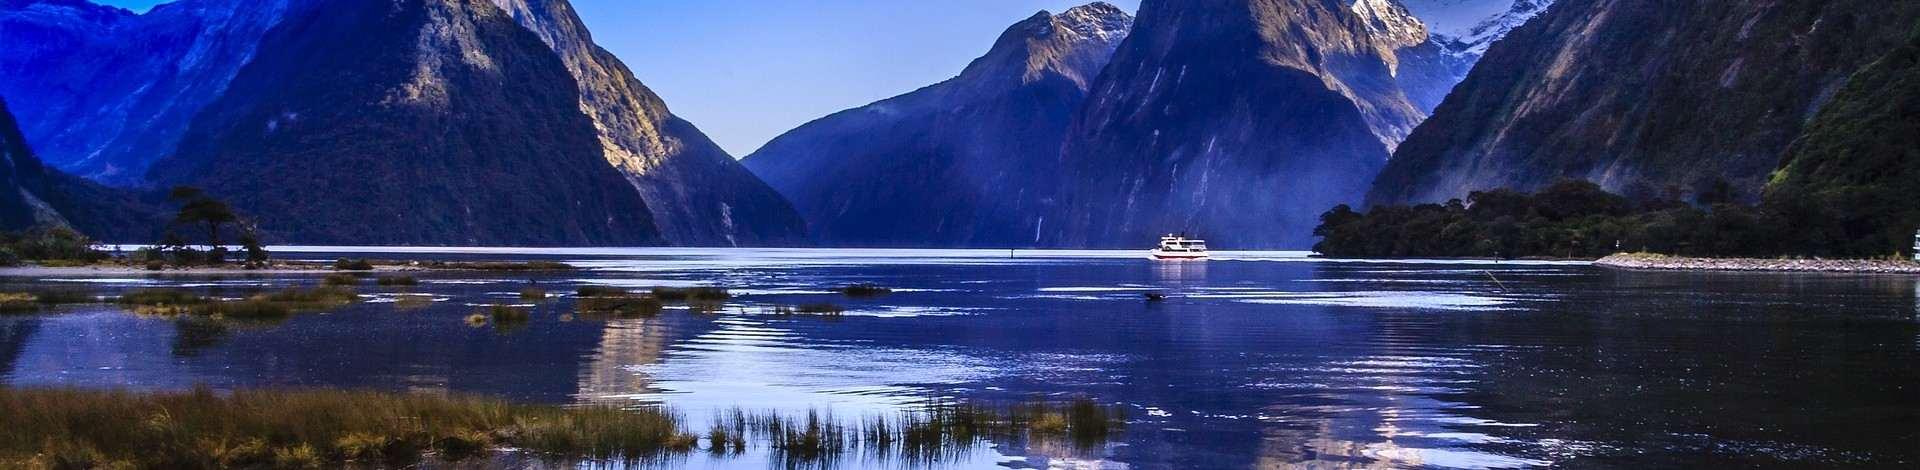 Milford Sound Nouvelle Zélande fjords croisière